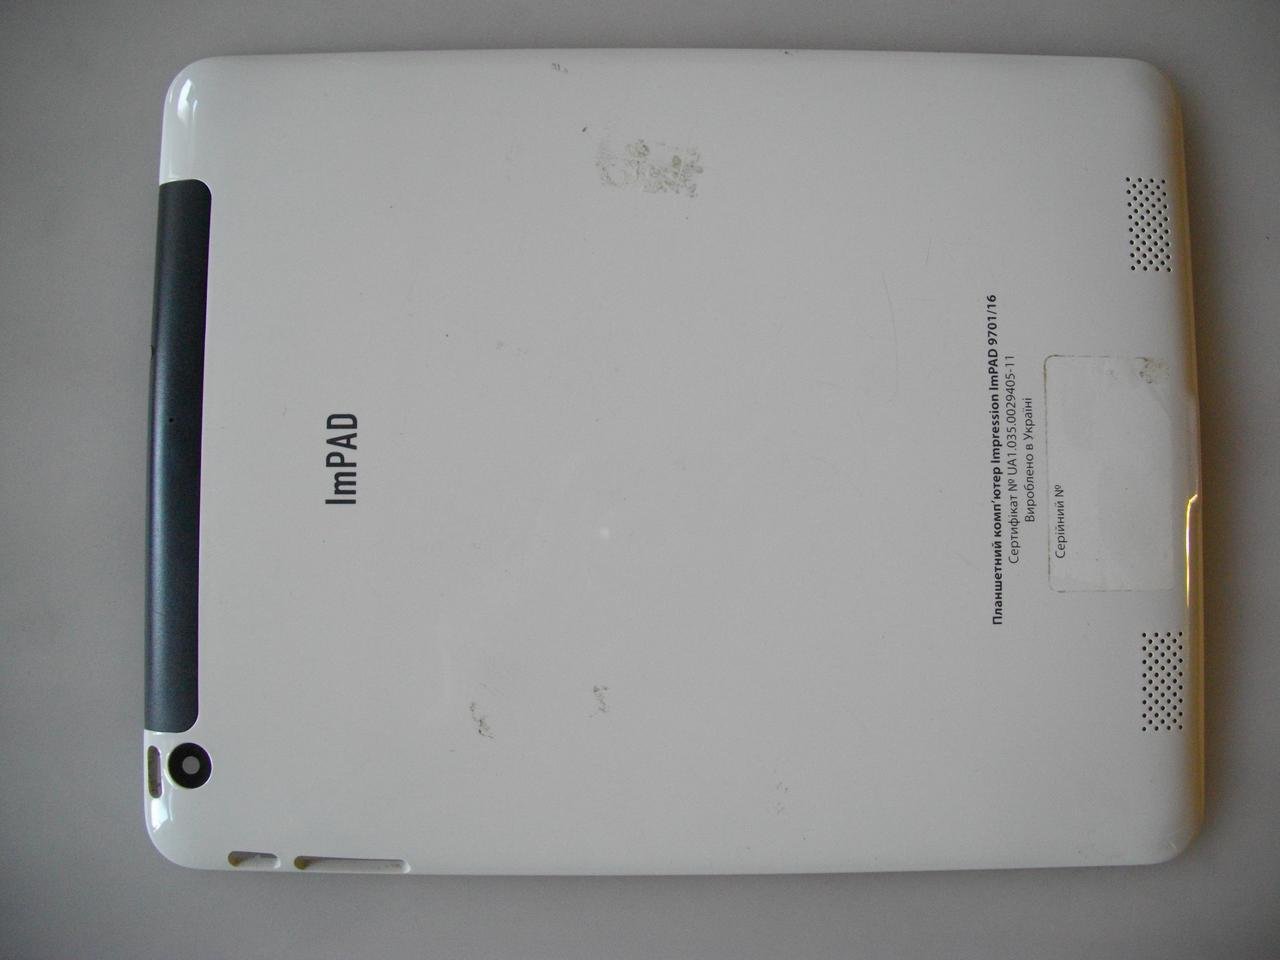 Корпус крышка от планшета Impression ImPad 9701, 9701/16 БУ